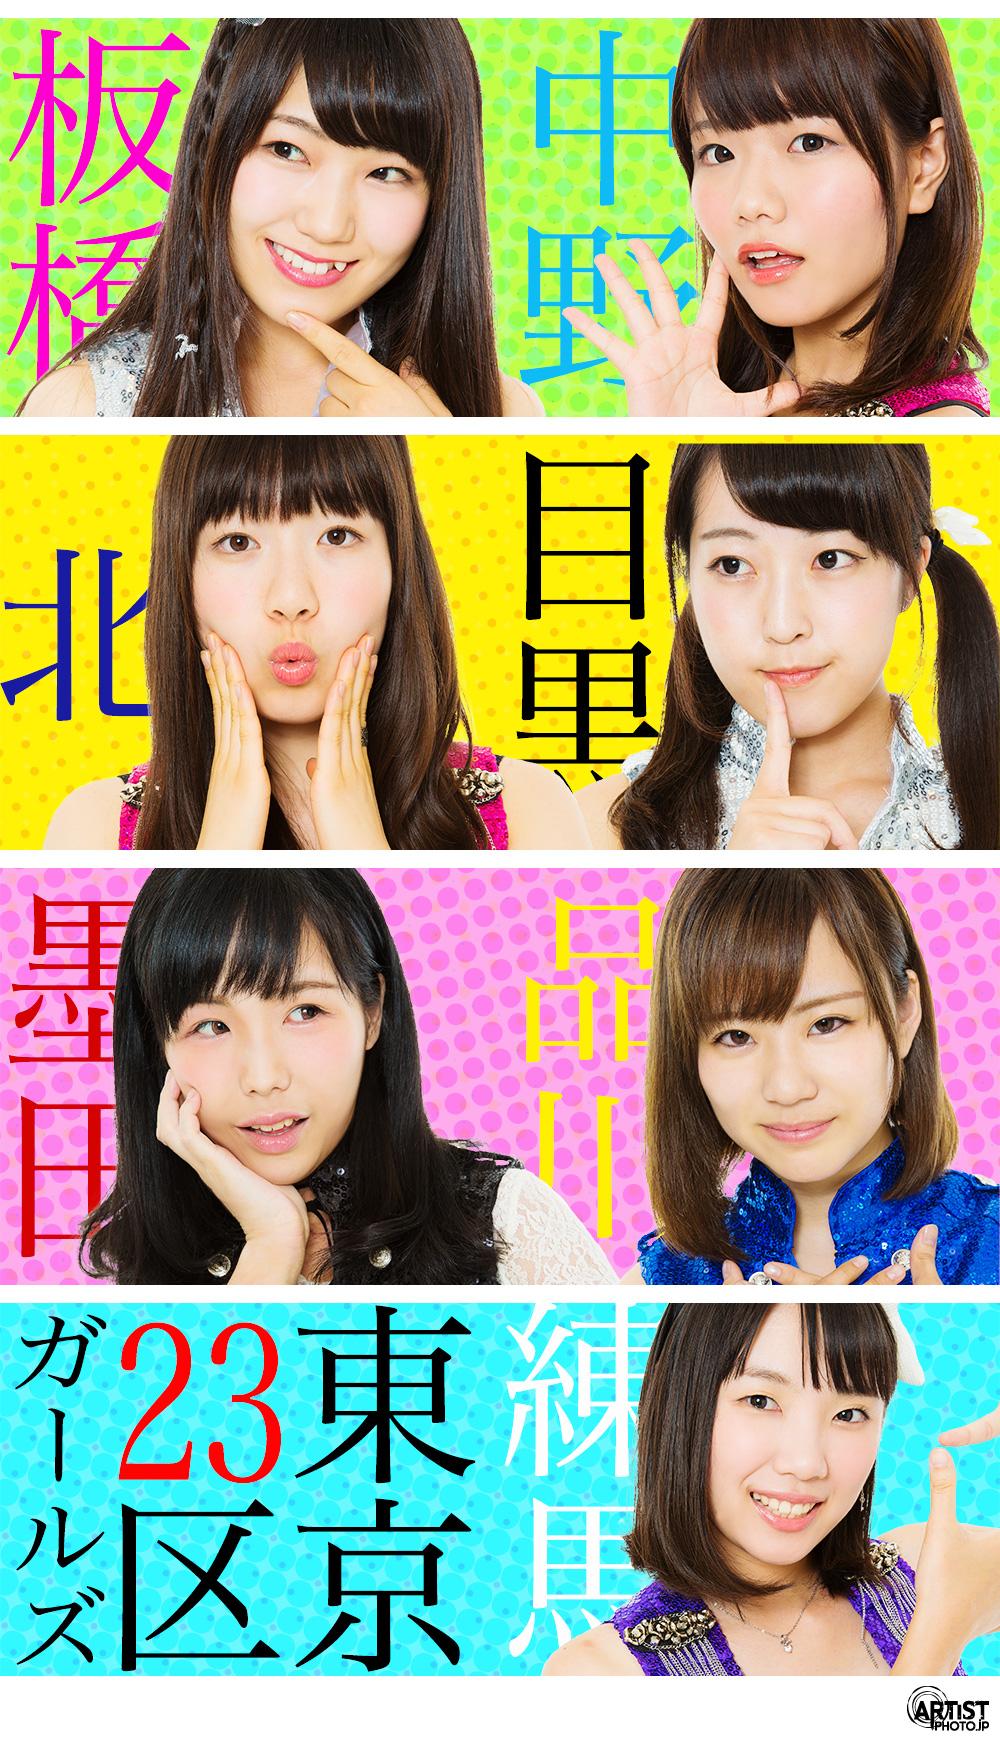 東京23区ガールズアイドルAチームのアーティスト写真